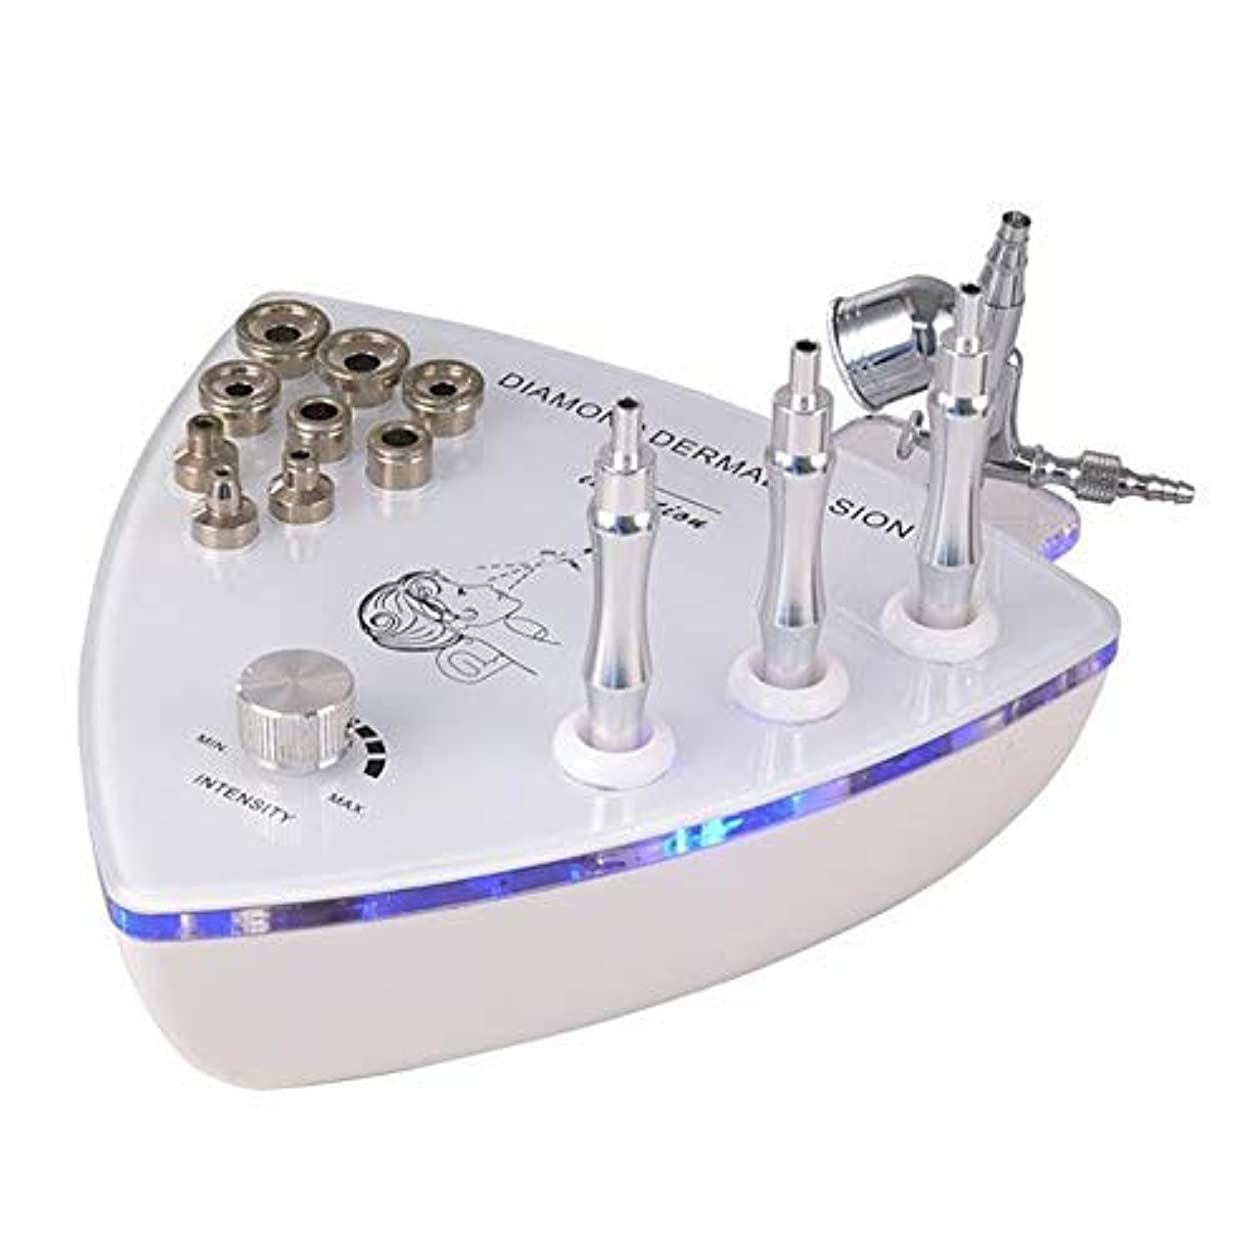 症候群地上でギャザー美容機器、フェイシャルスキンケア機器、マイクロダーマブレーションマシン、マイクロダーマブレーションおむつダイヤモンドマイクロ彫刻美容機器、角質除去、角質除去、肌の若返り